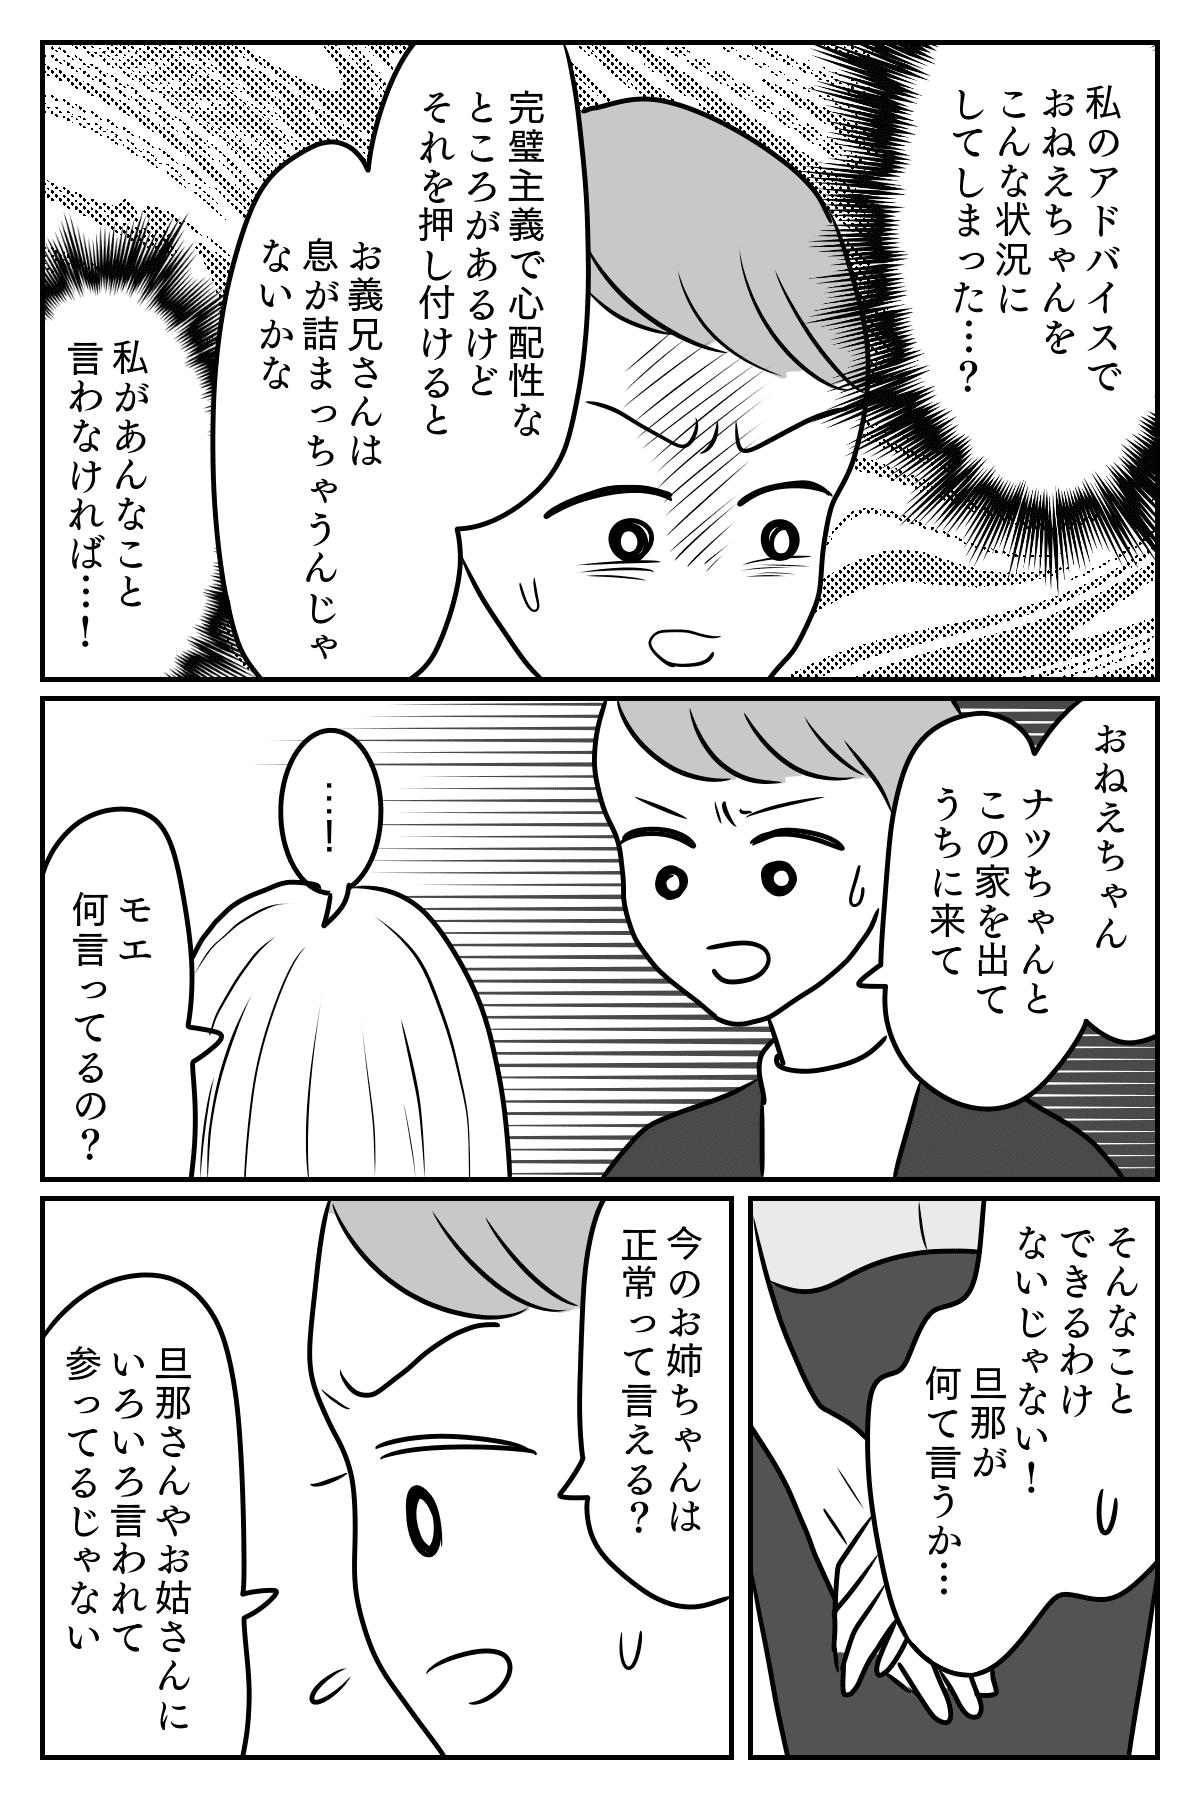 耳鼻科5-2